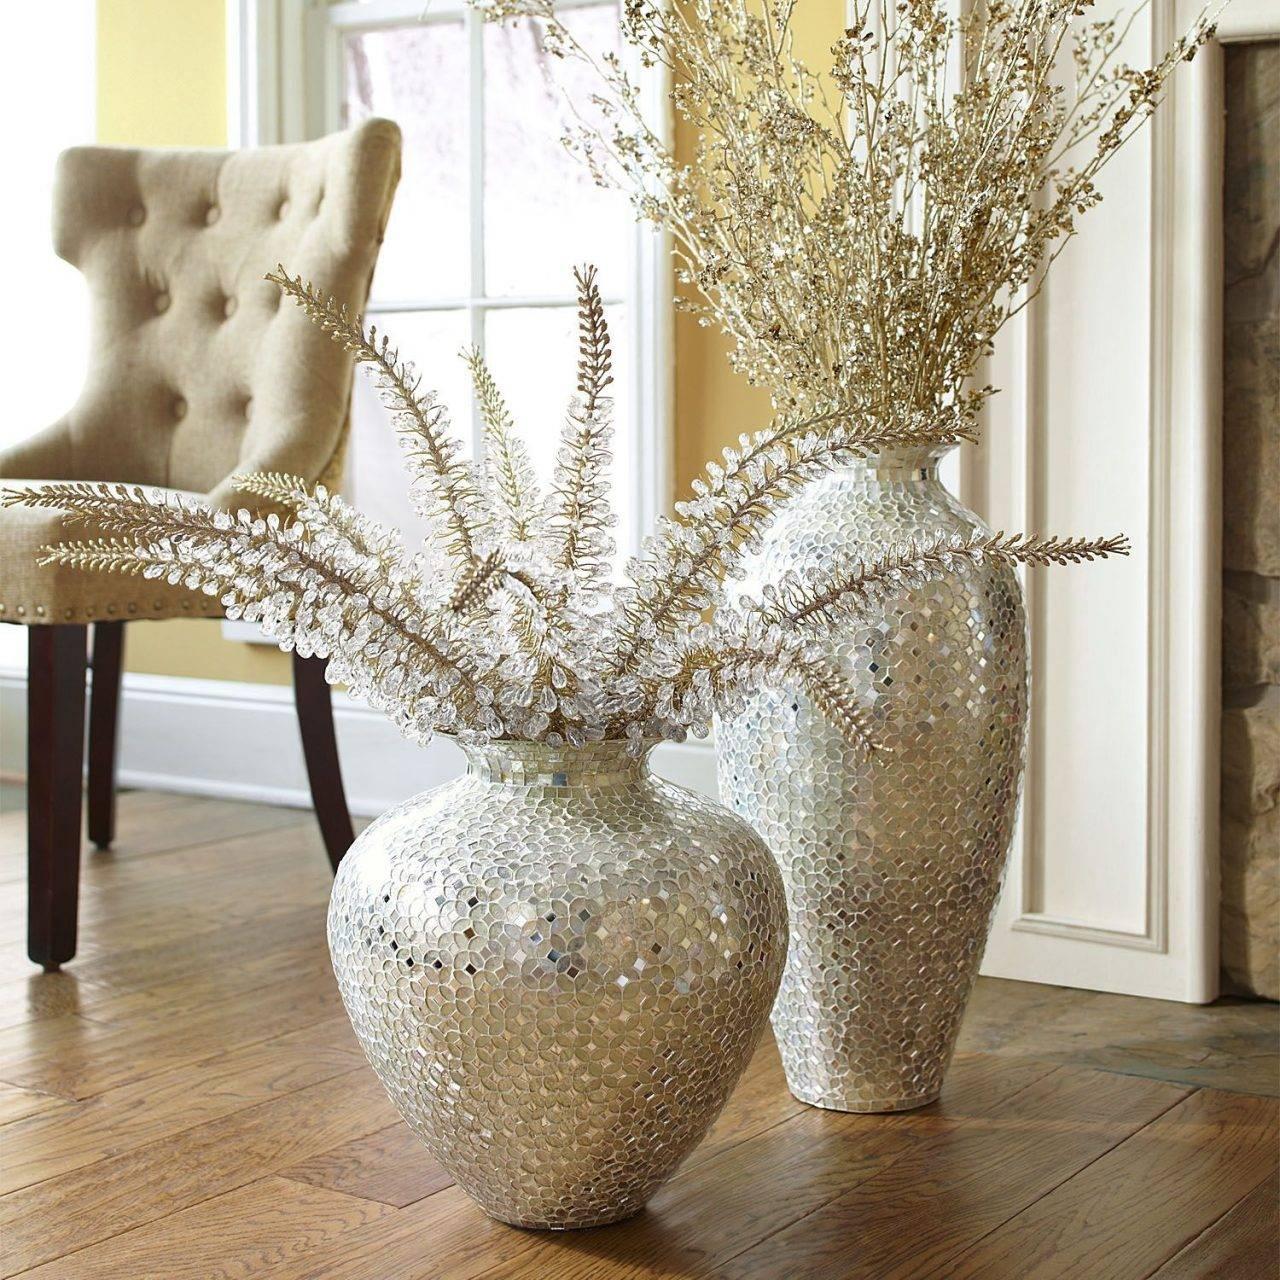 Топ 20 идей напольных ваз в интерьере: 130+ (фото)